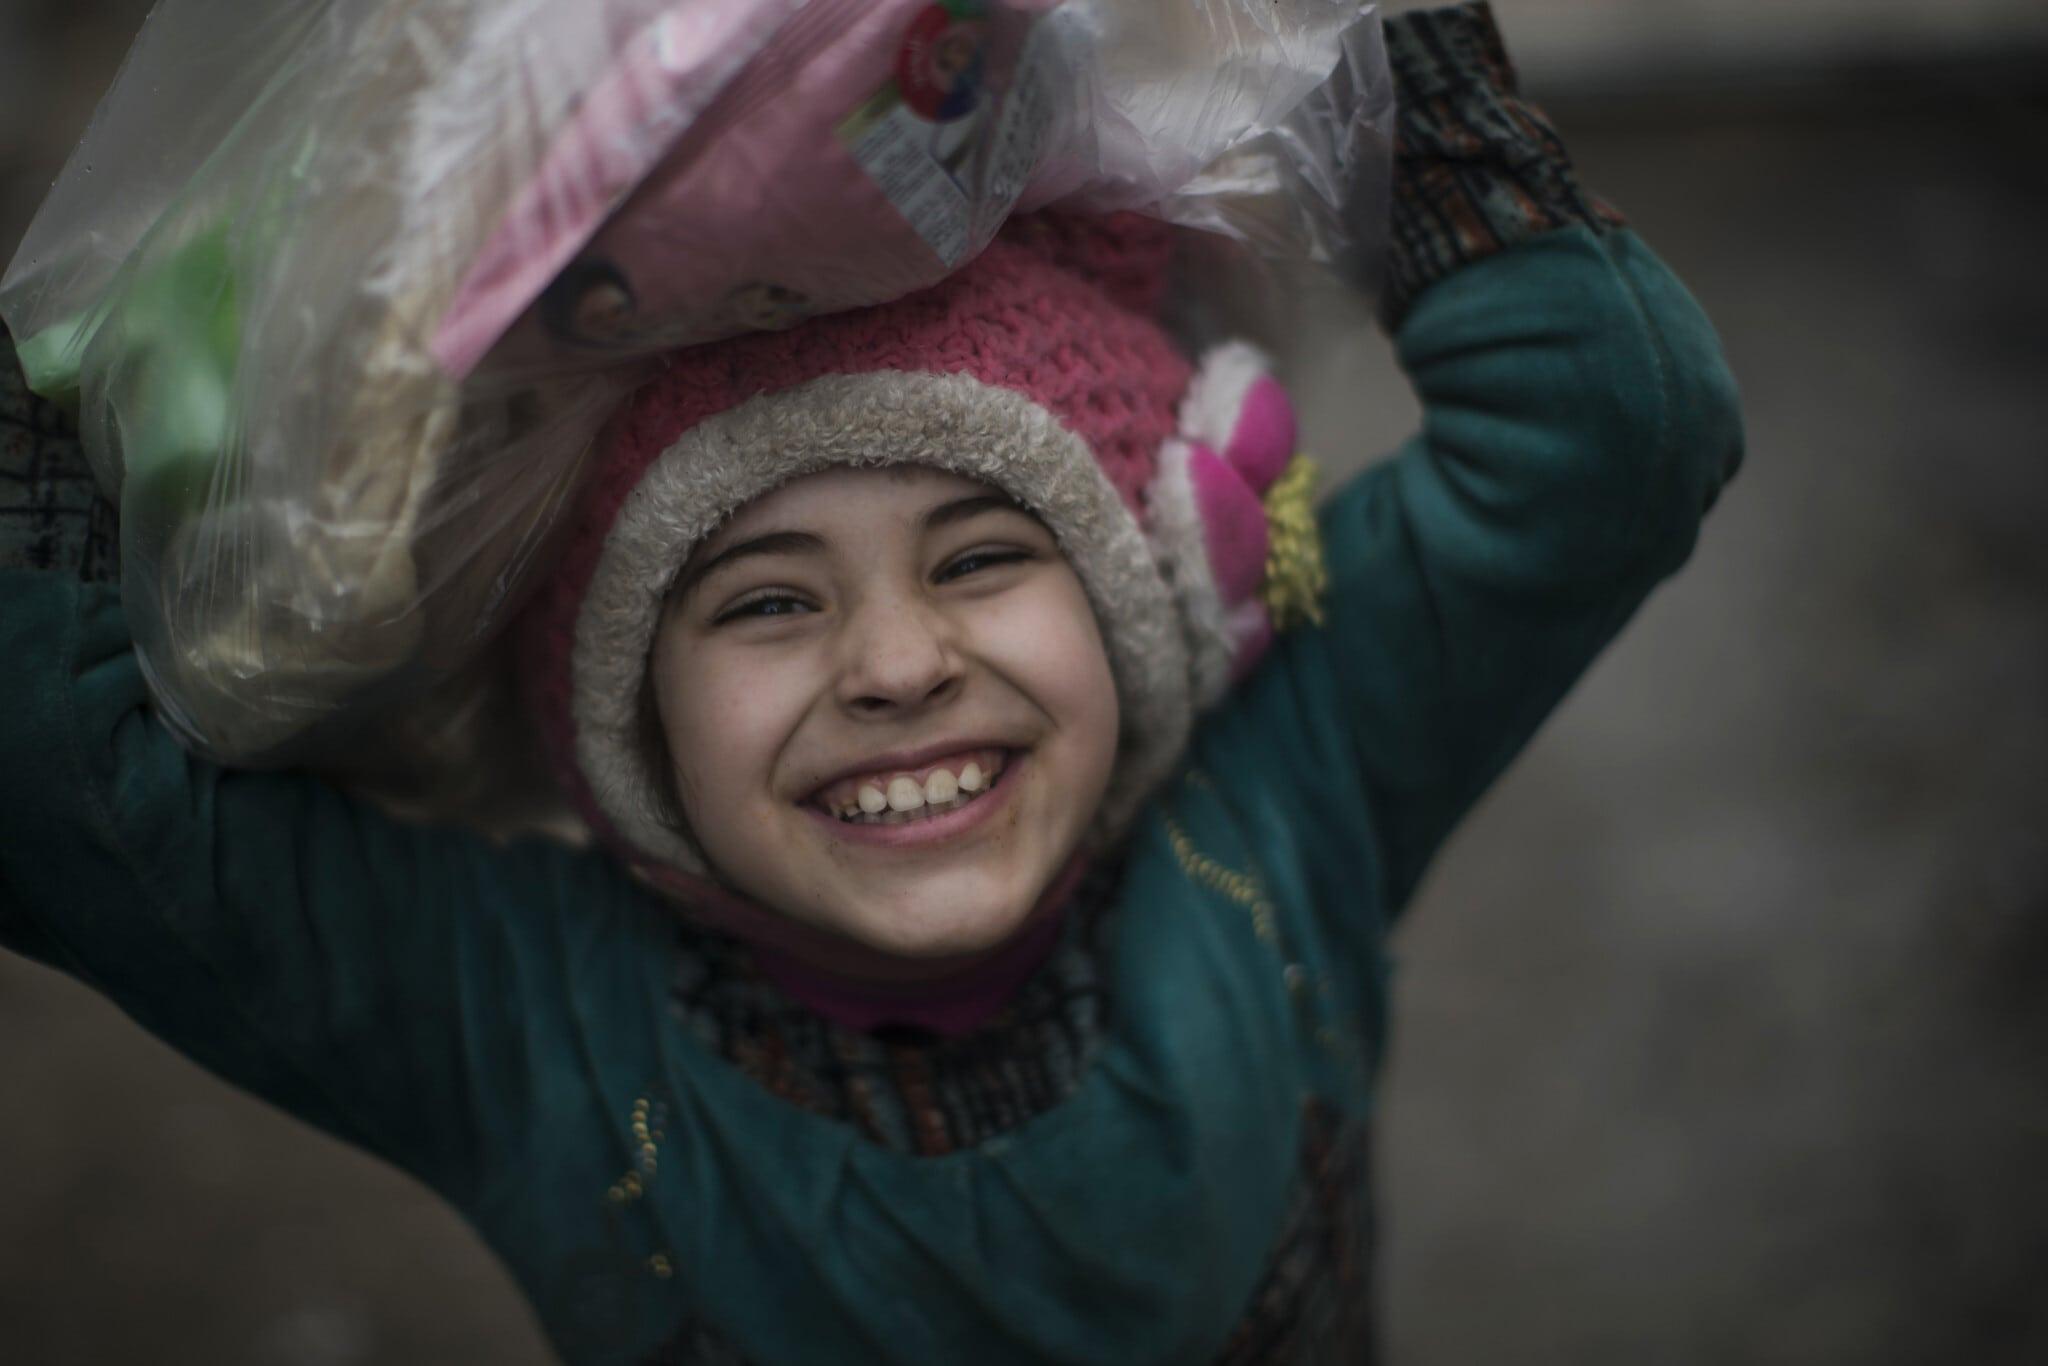 """פנים של תקווה: ילדה עיראקית במוסול אחרי שכוחות דאע""""ש הובסו בעיר (צילום: AP Photo/Felipe Dana)"""